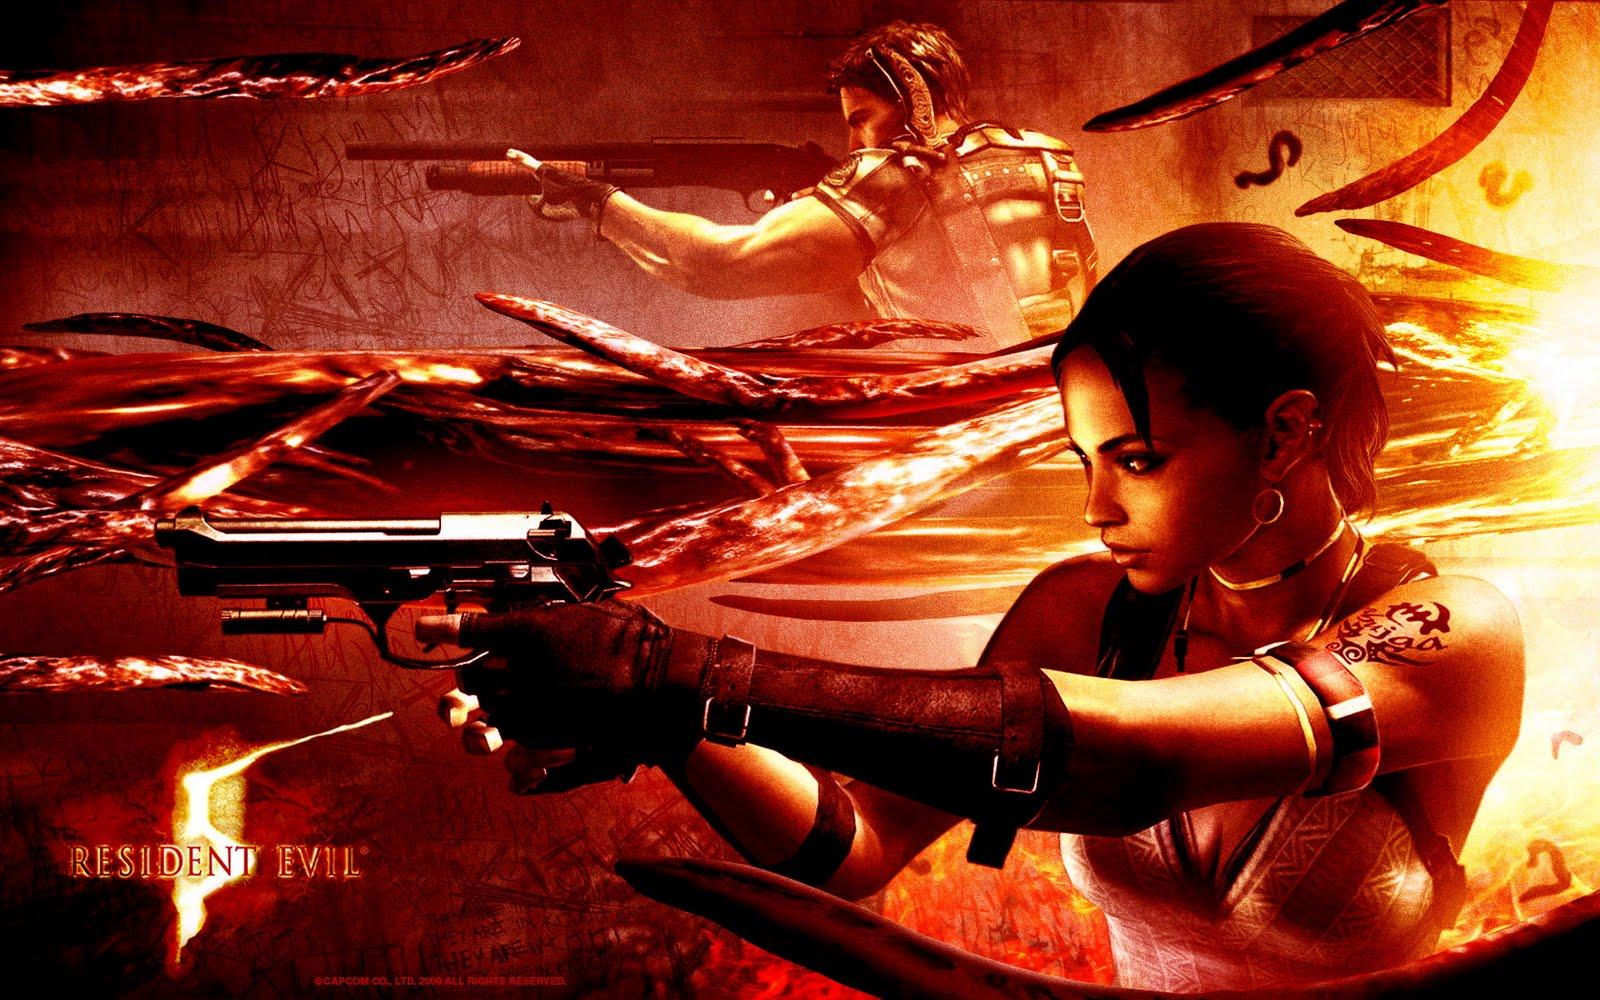 http://1.bp.blogspot.com/_q_IR9O9yBf8/SsC3myYXvmI/AAAAAAAAAZM/FvFLZj7BxKk/s1600/Resident-Evil-5-Wallpaper-1.jpg